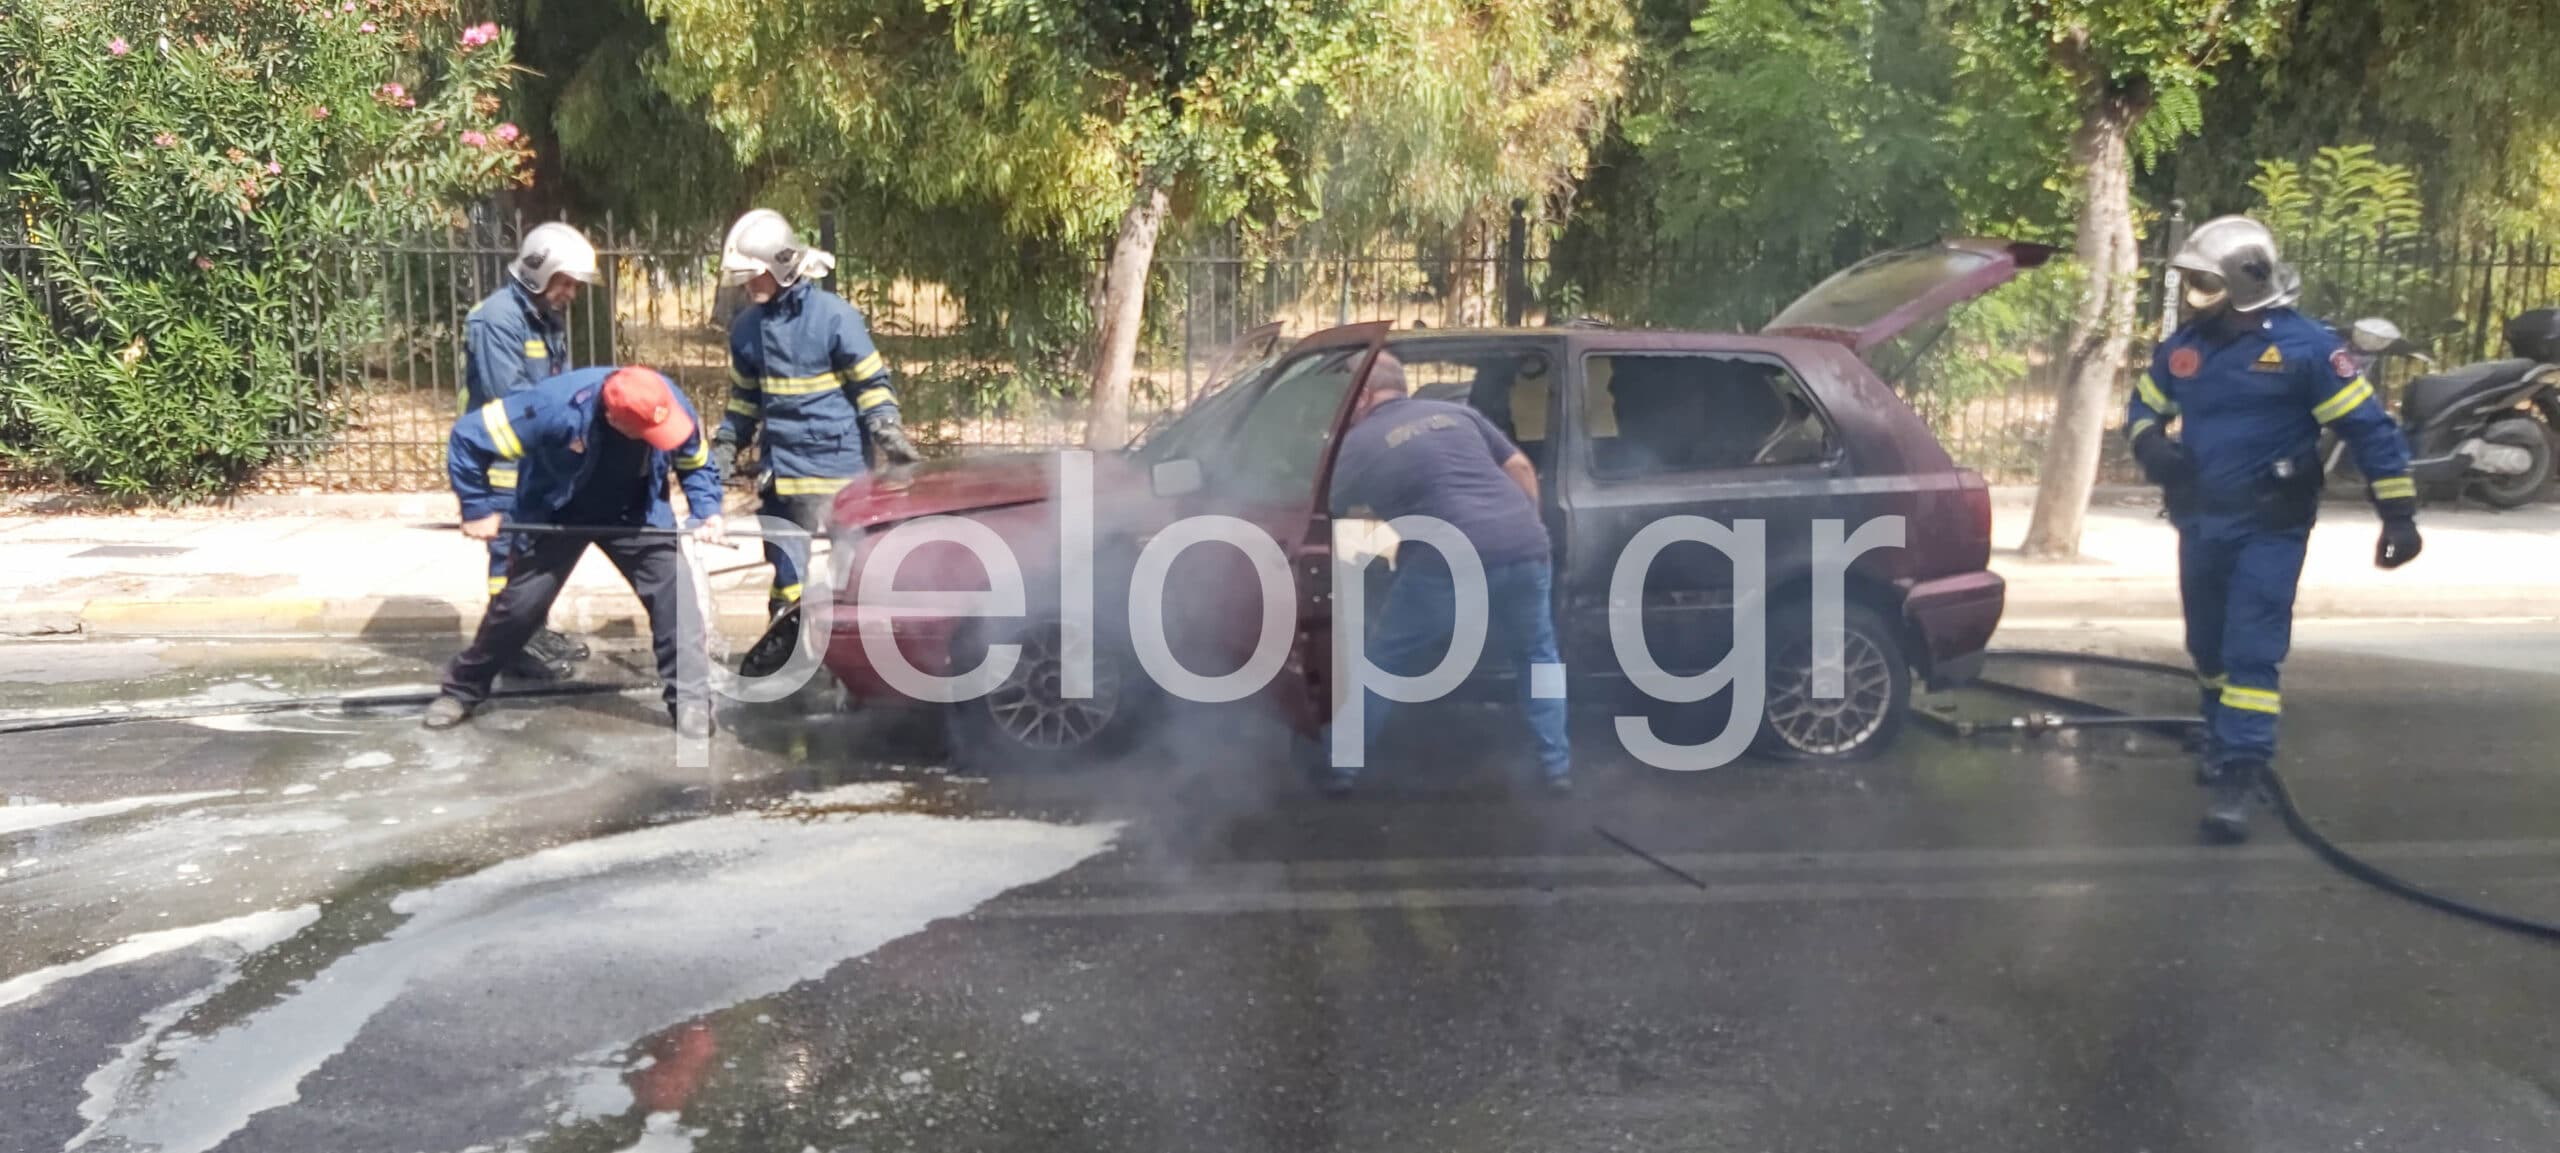 Πάτρα: Φωτιά εν κινήσει - Αυτοκίνητο κάηκε ολοσχερώς στην Παπαφλέσσα ΦΩΤΟ - ΒΙΝΤΕΟ